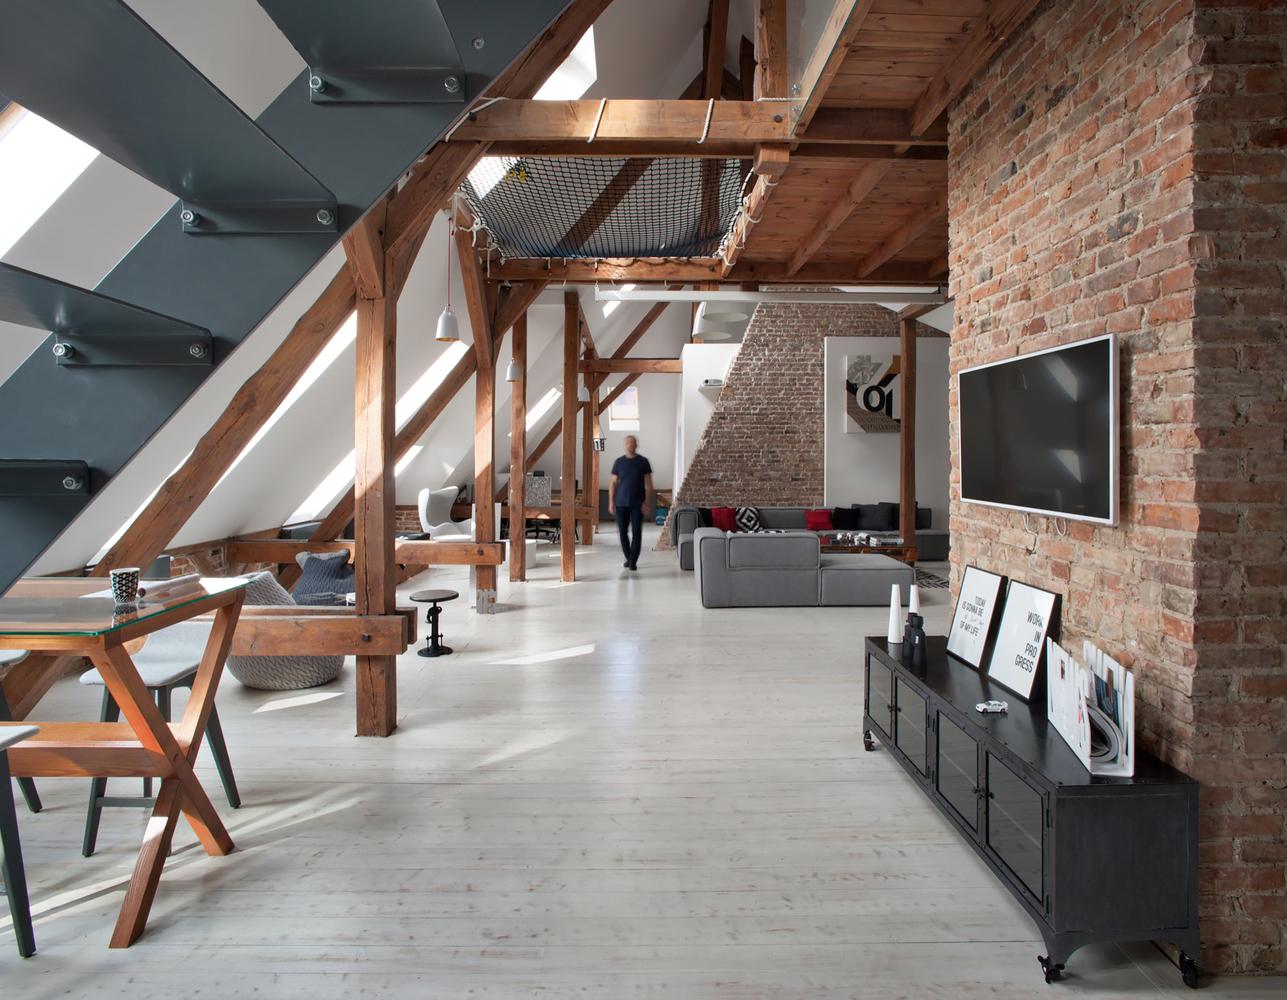 Plan deschis și o amenajare modernă într-o mansardă de 170 m²